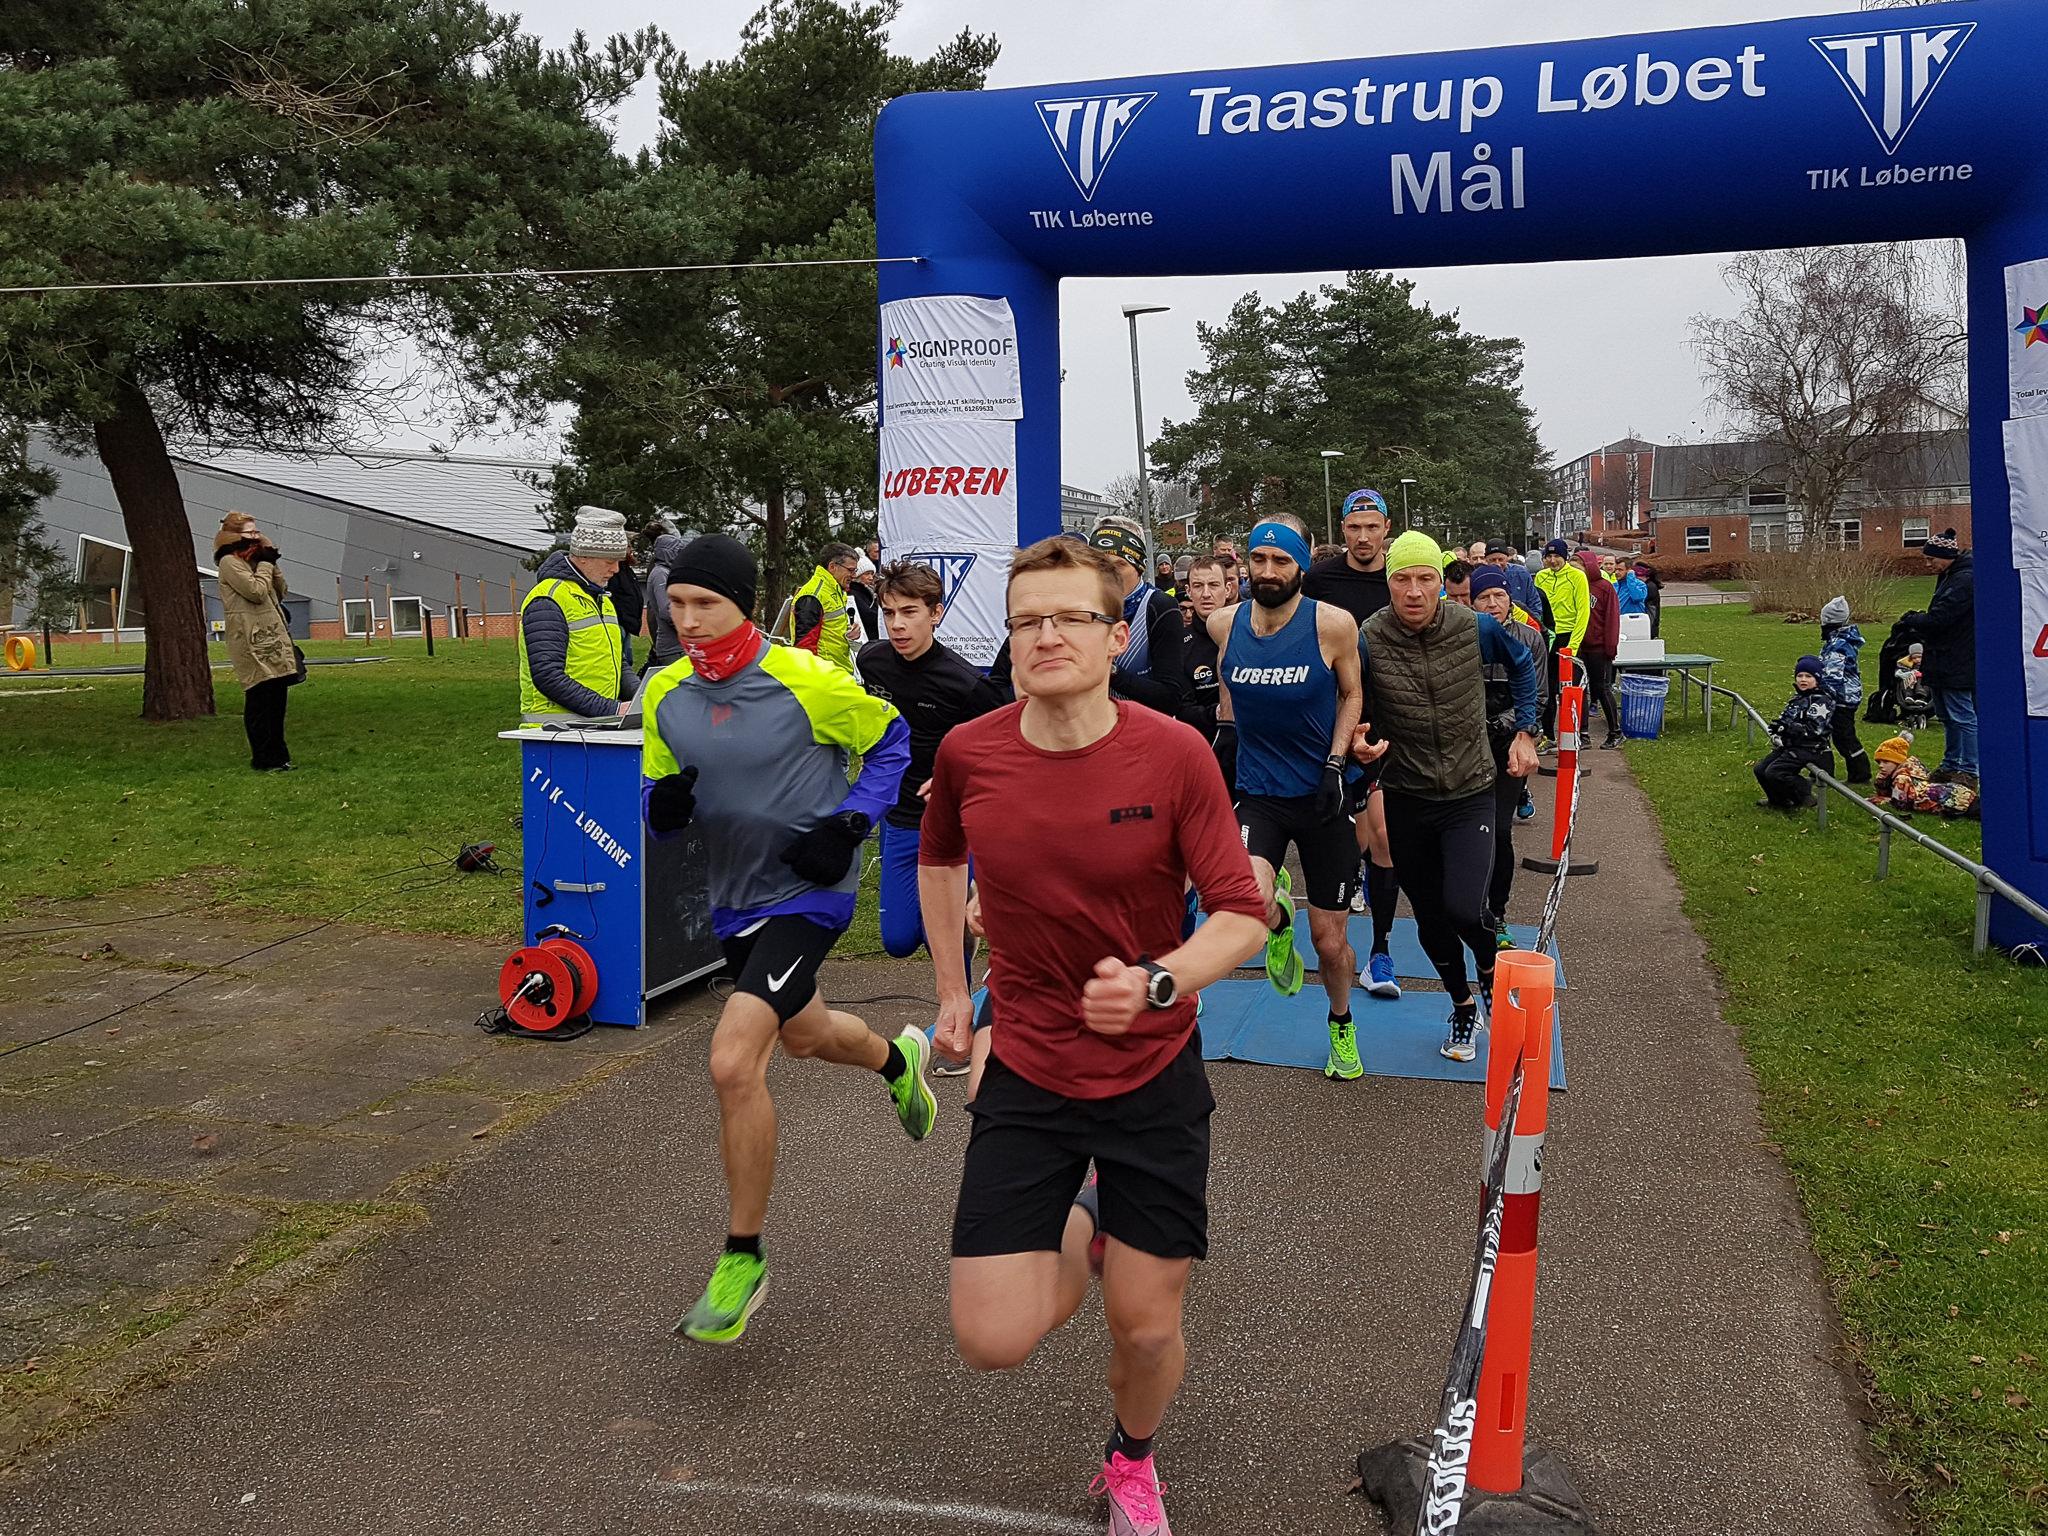 2020-02-09-085-Taastrup-Løbet-2020-02